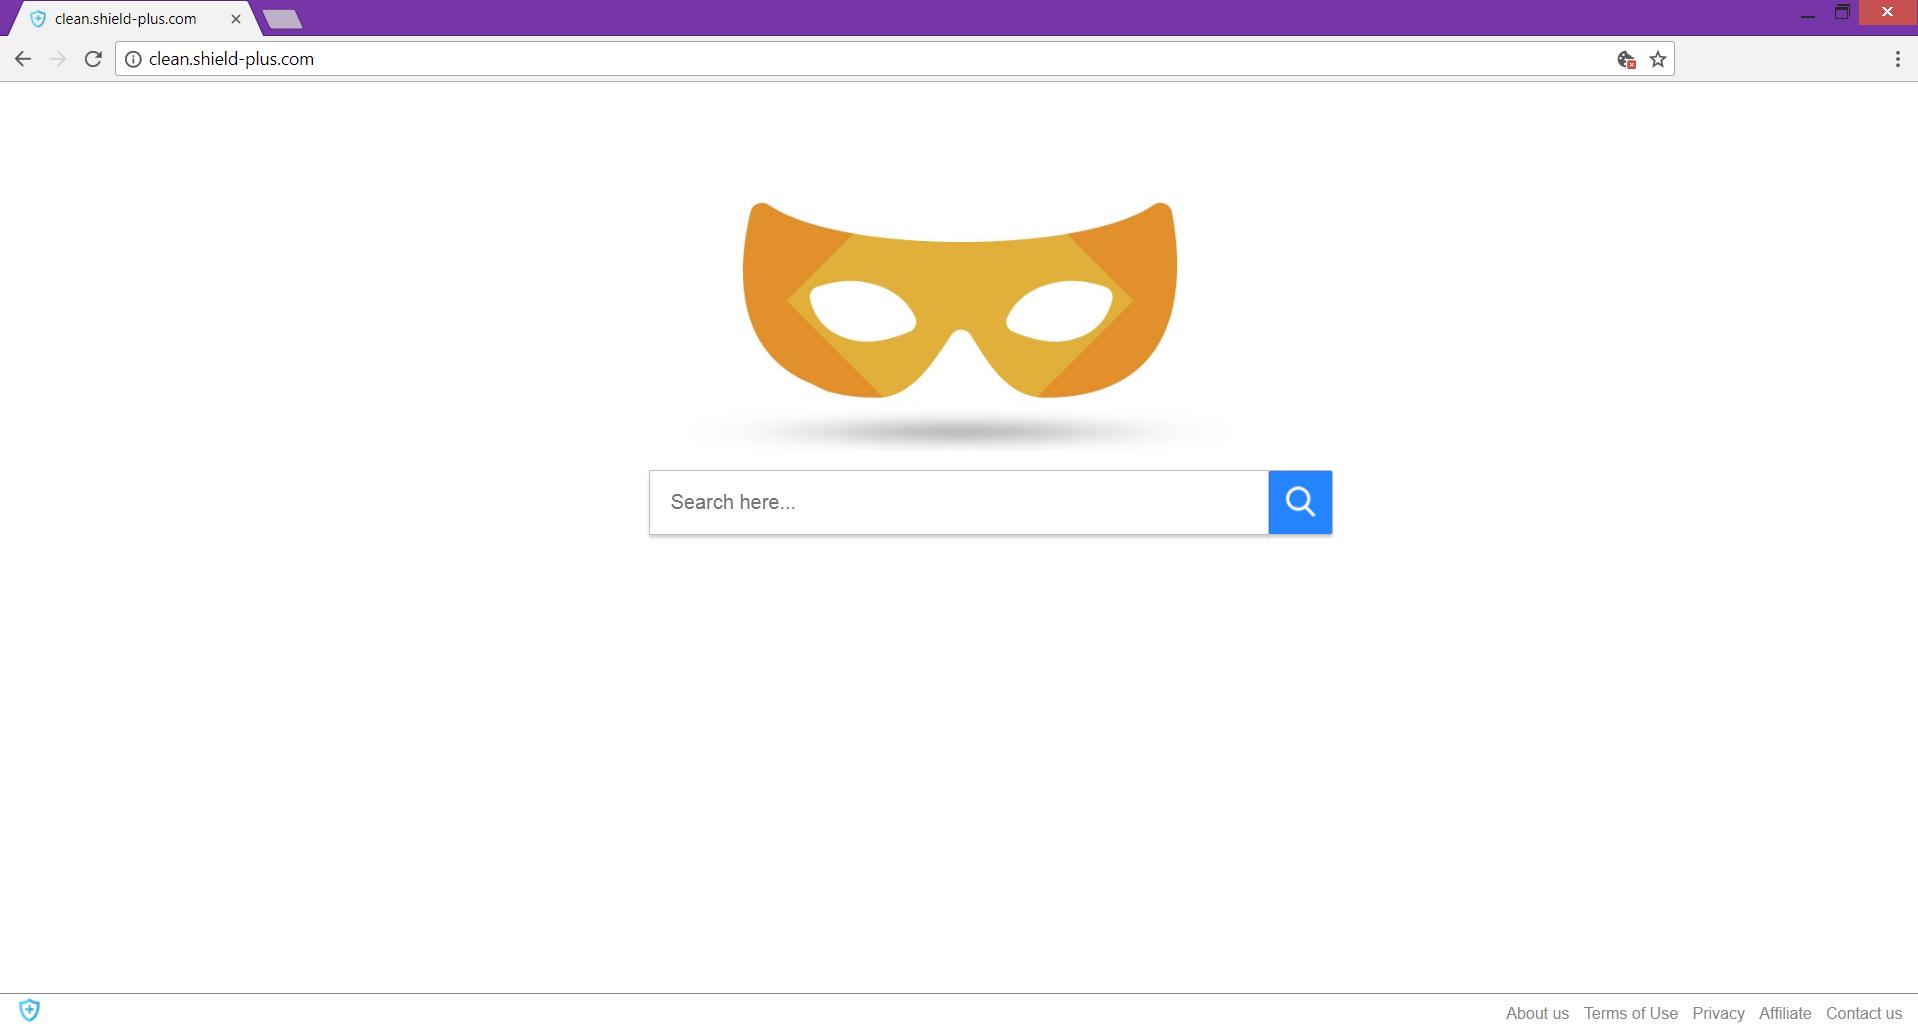 clean.shield-plus.com dubious search engine